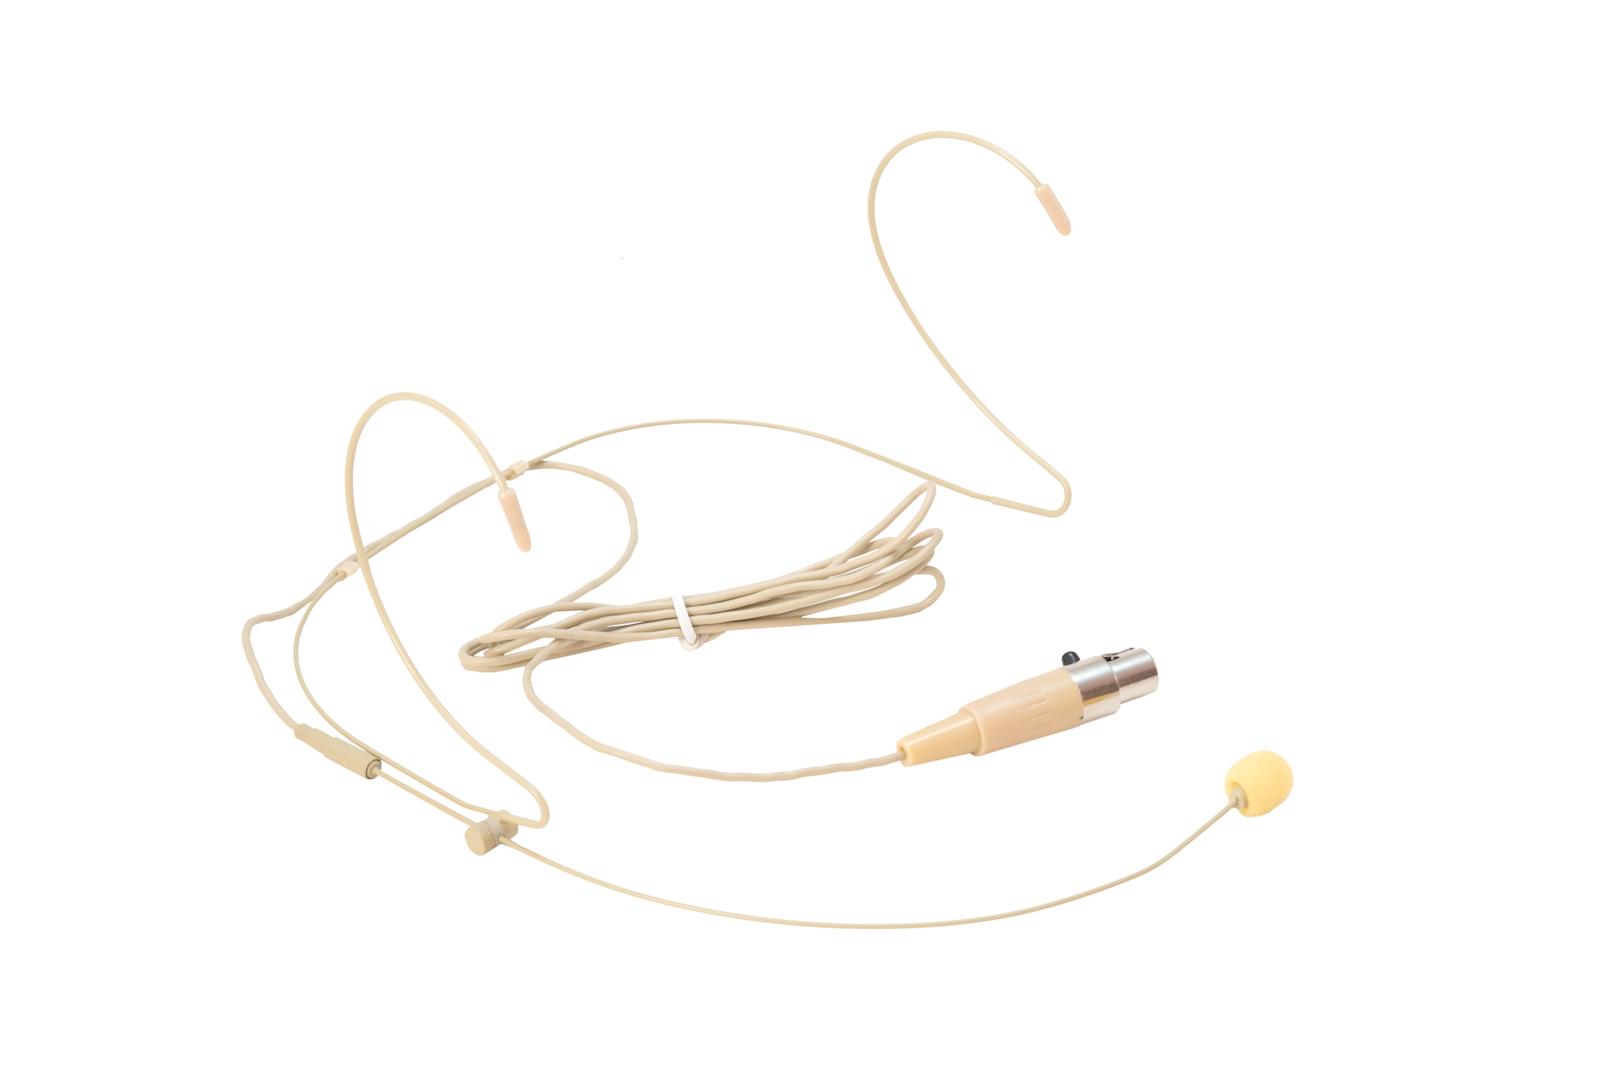 Microfono ad archetto color carne pelle OMNITRONIC HS-1100